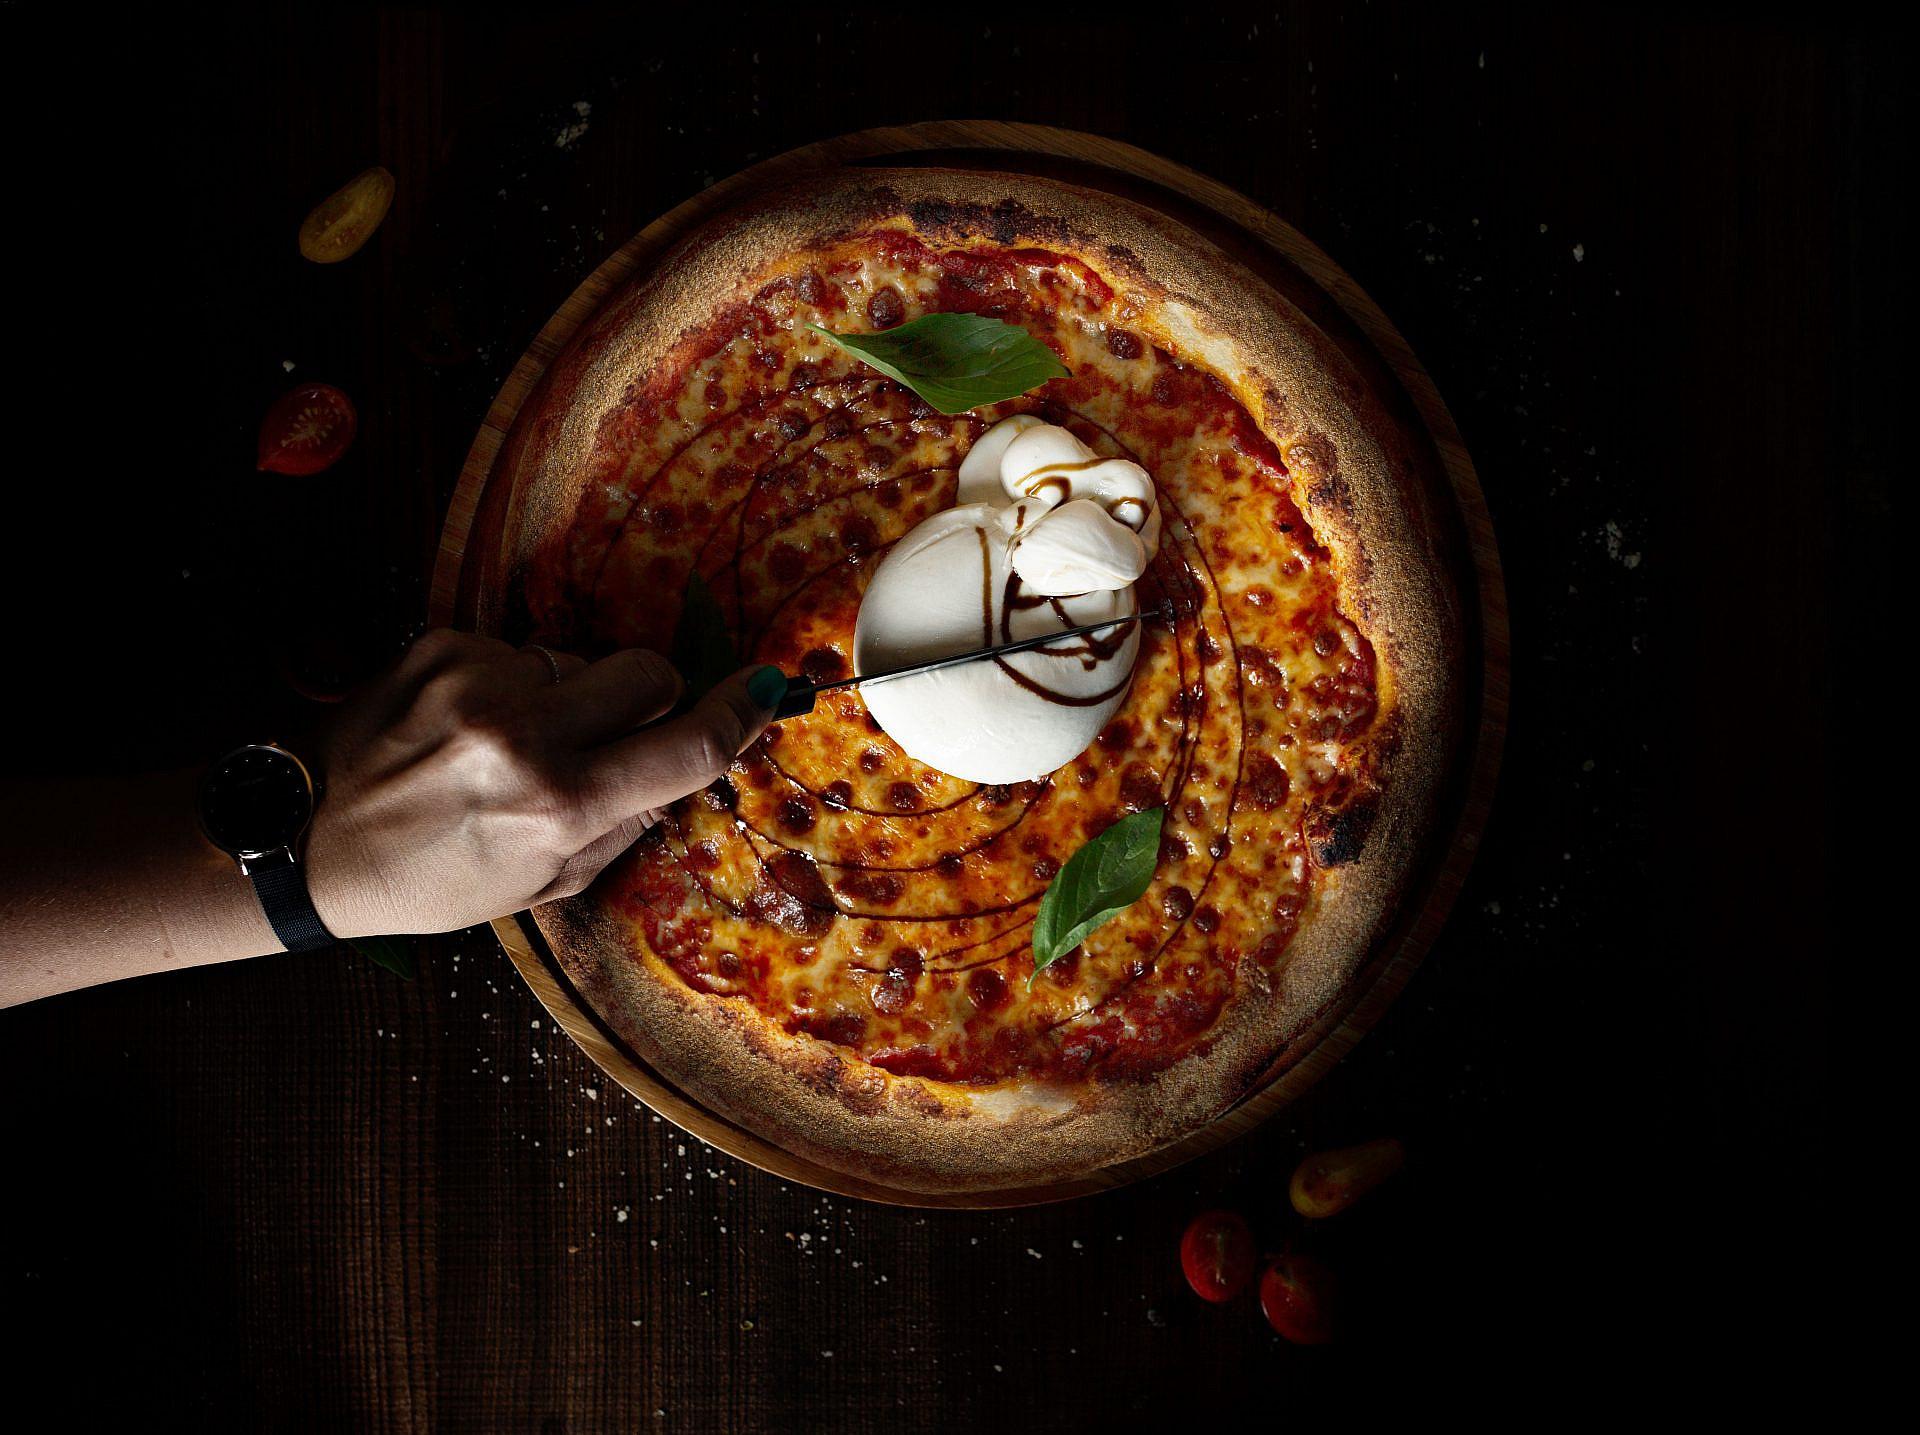 פיצה בוראטה, גוני (טליה אוצר)